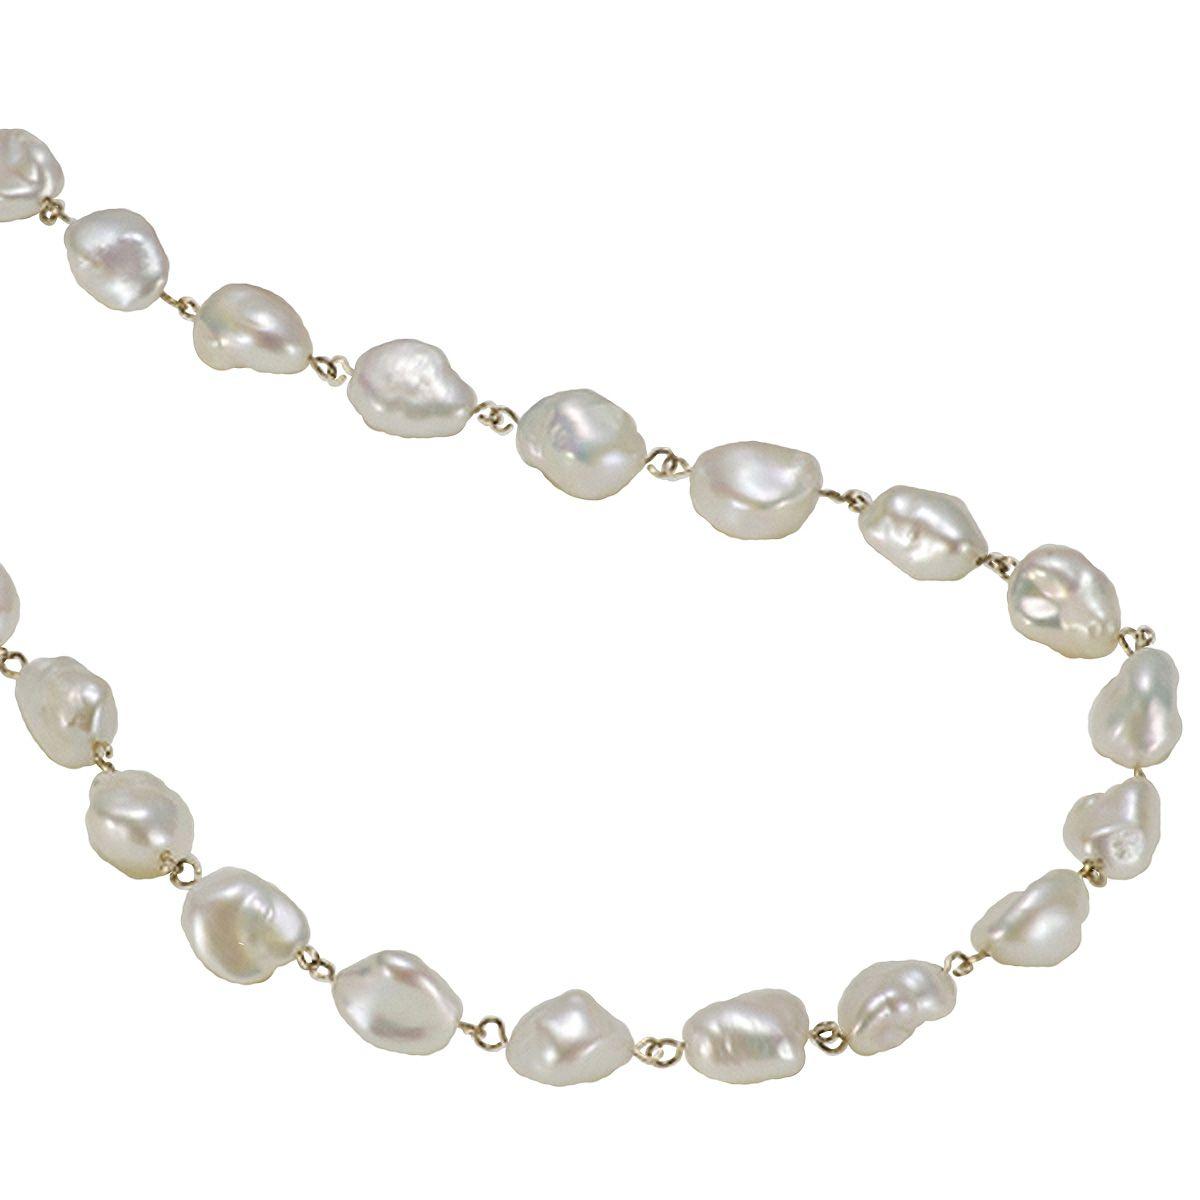 淡水真珠オリジナルデザインネックレス 約10.0-11.0mmの写真